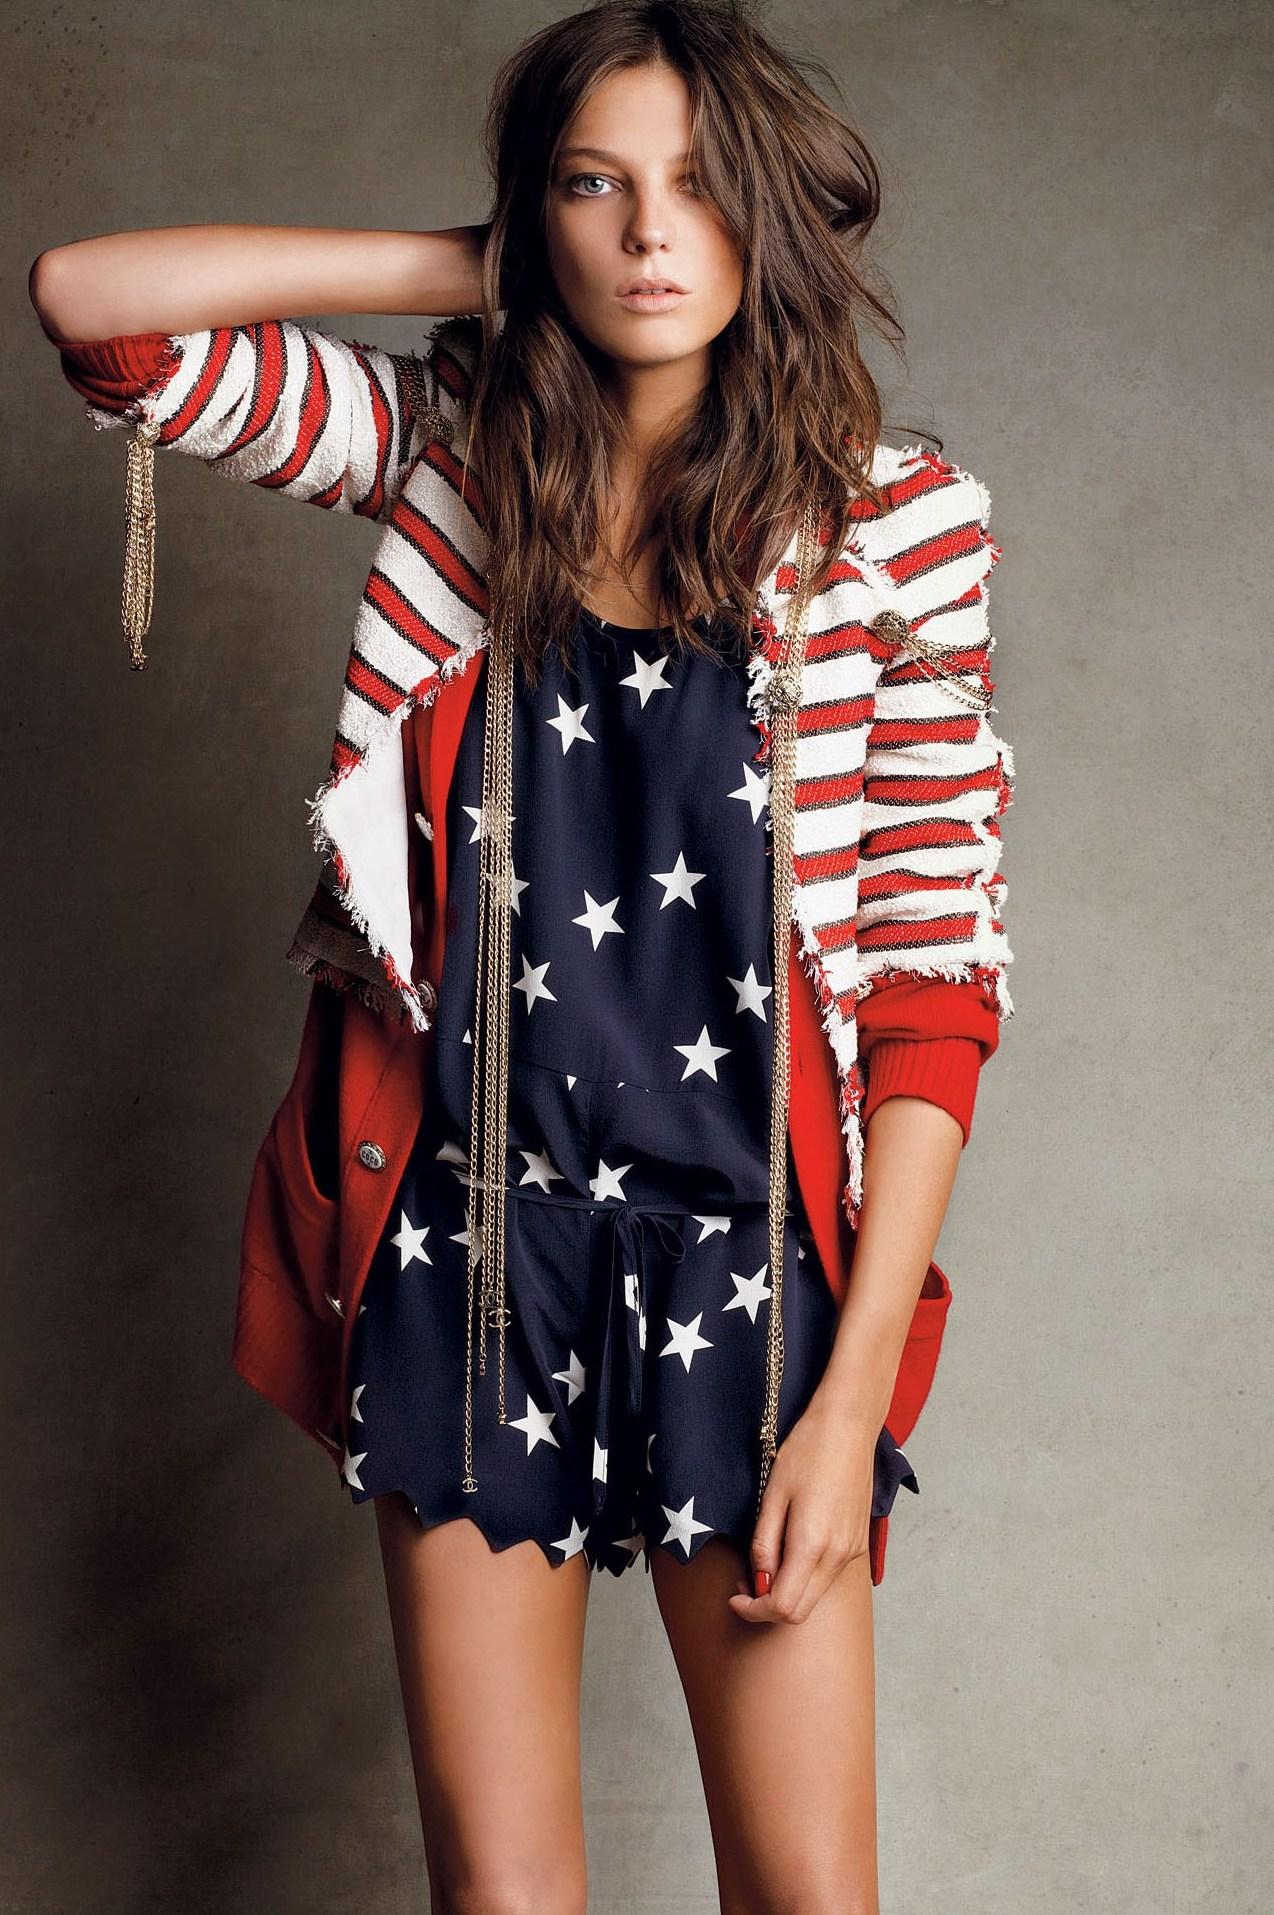 Daria Werbowy | Happy 4th of July